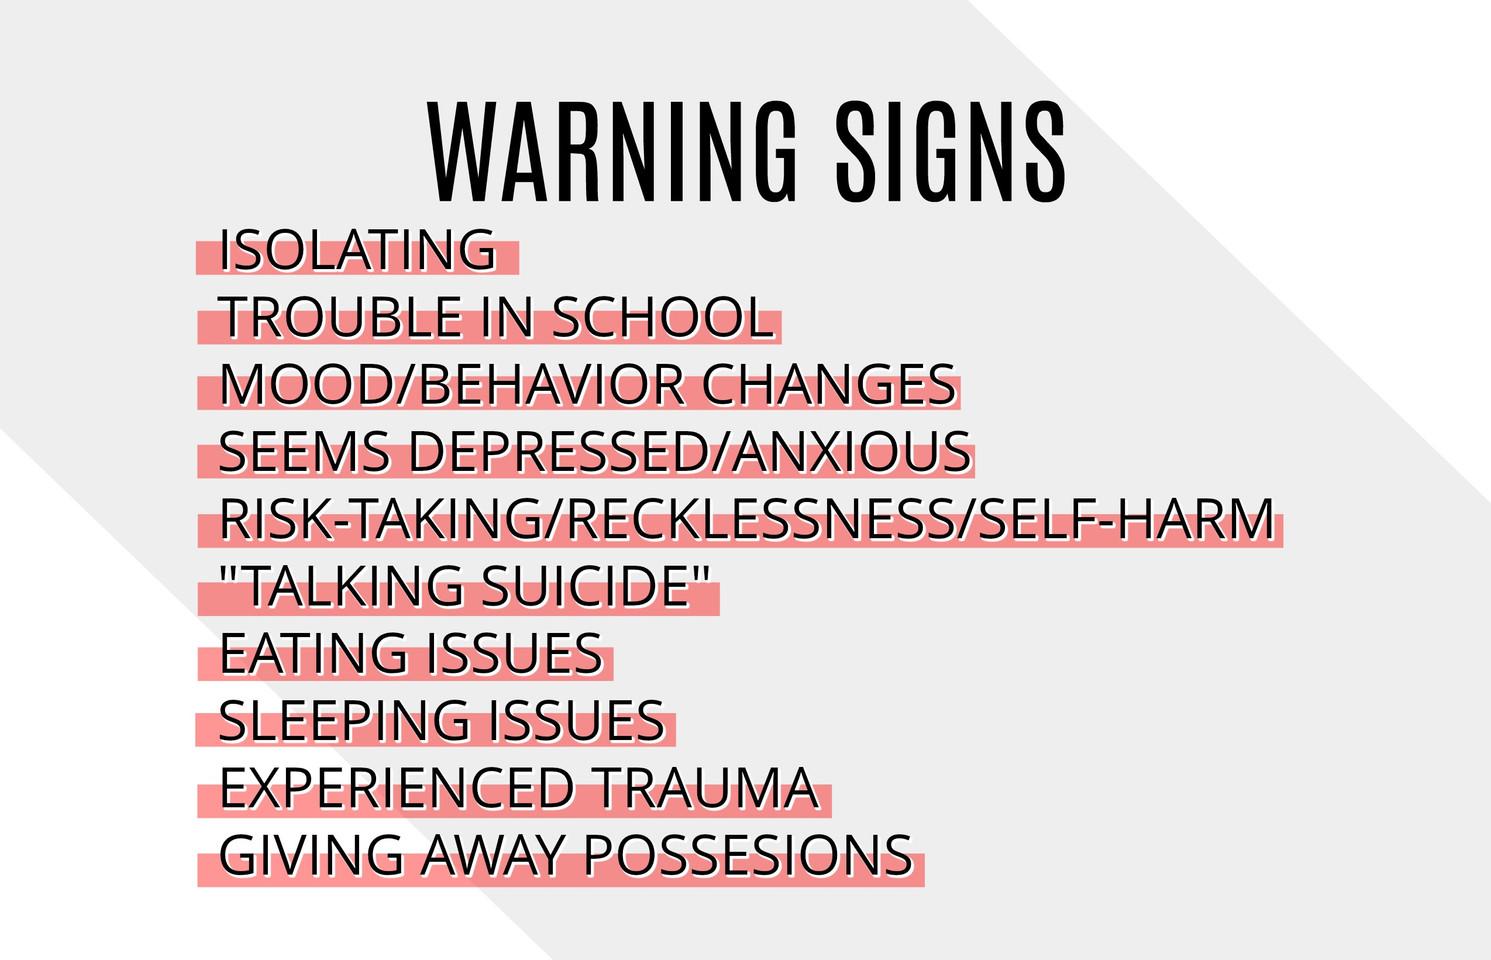 warningsigns.jpg